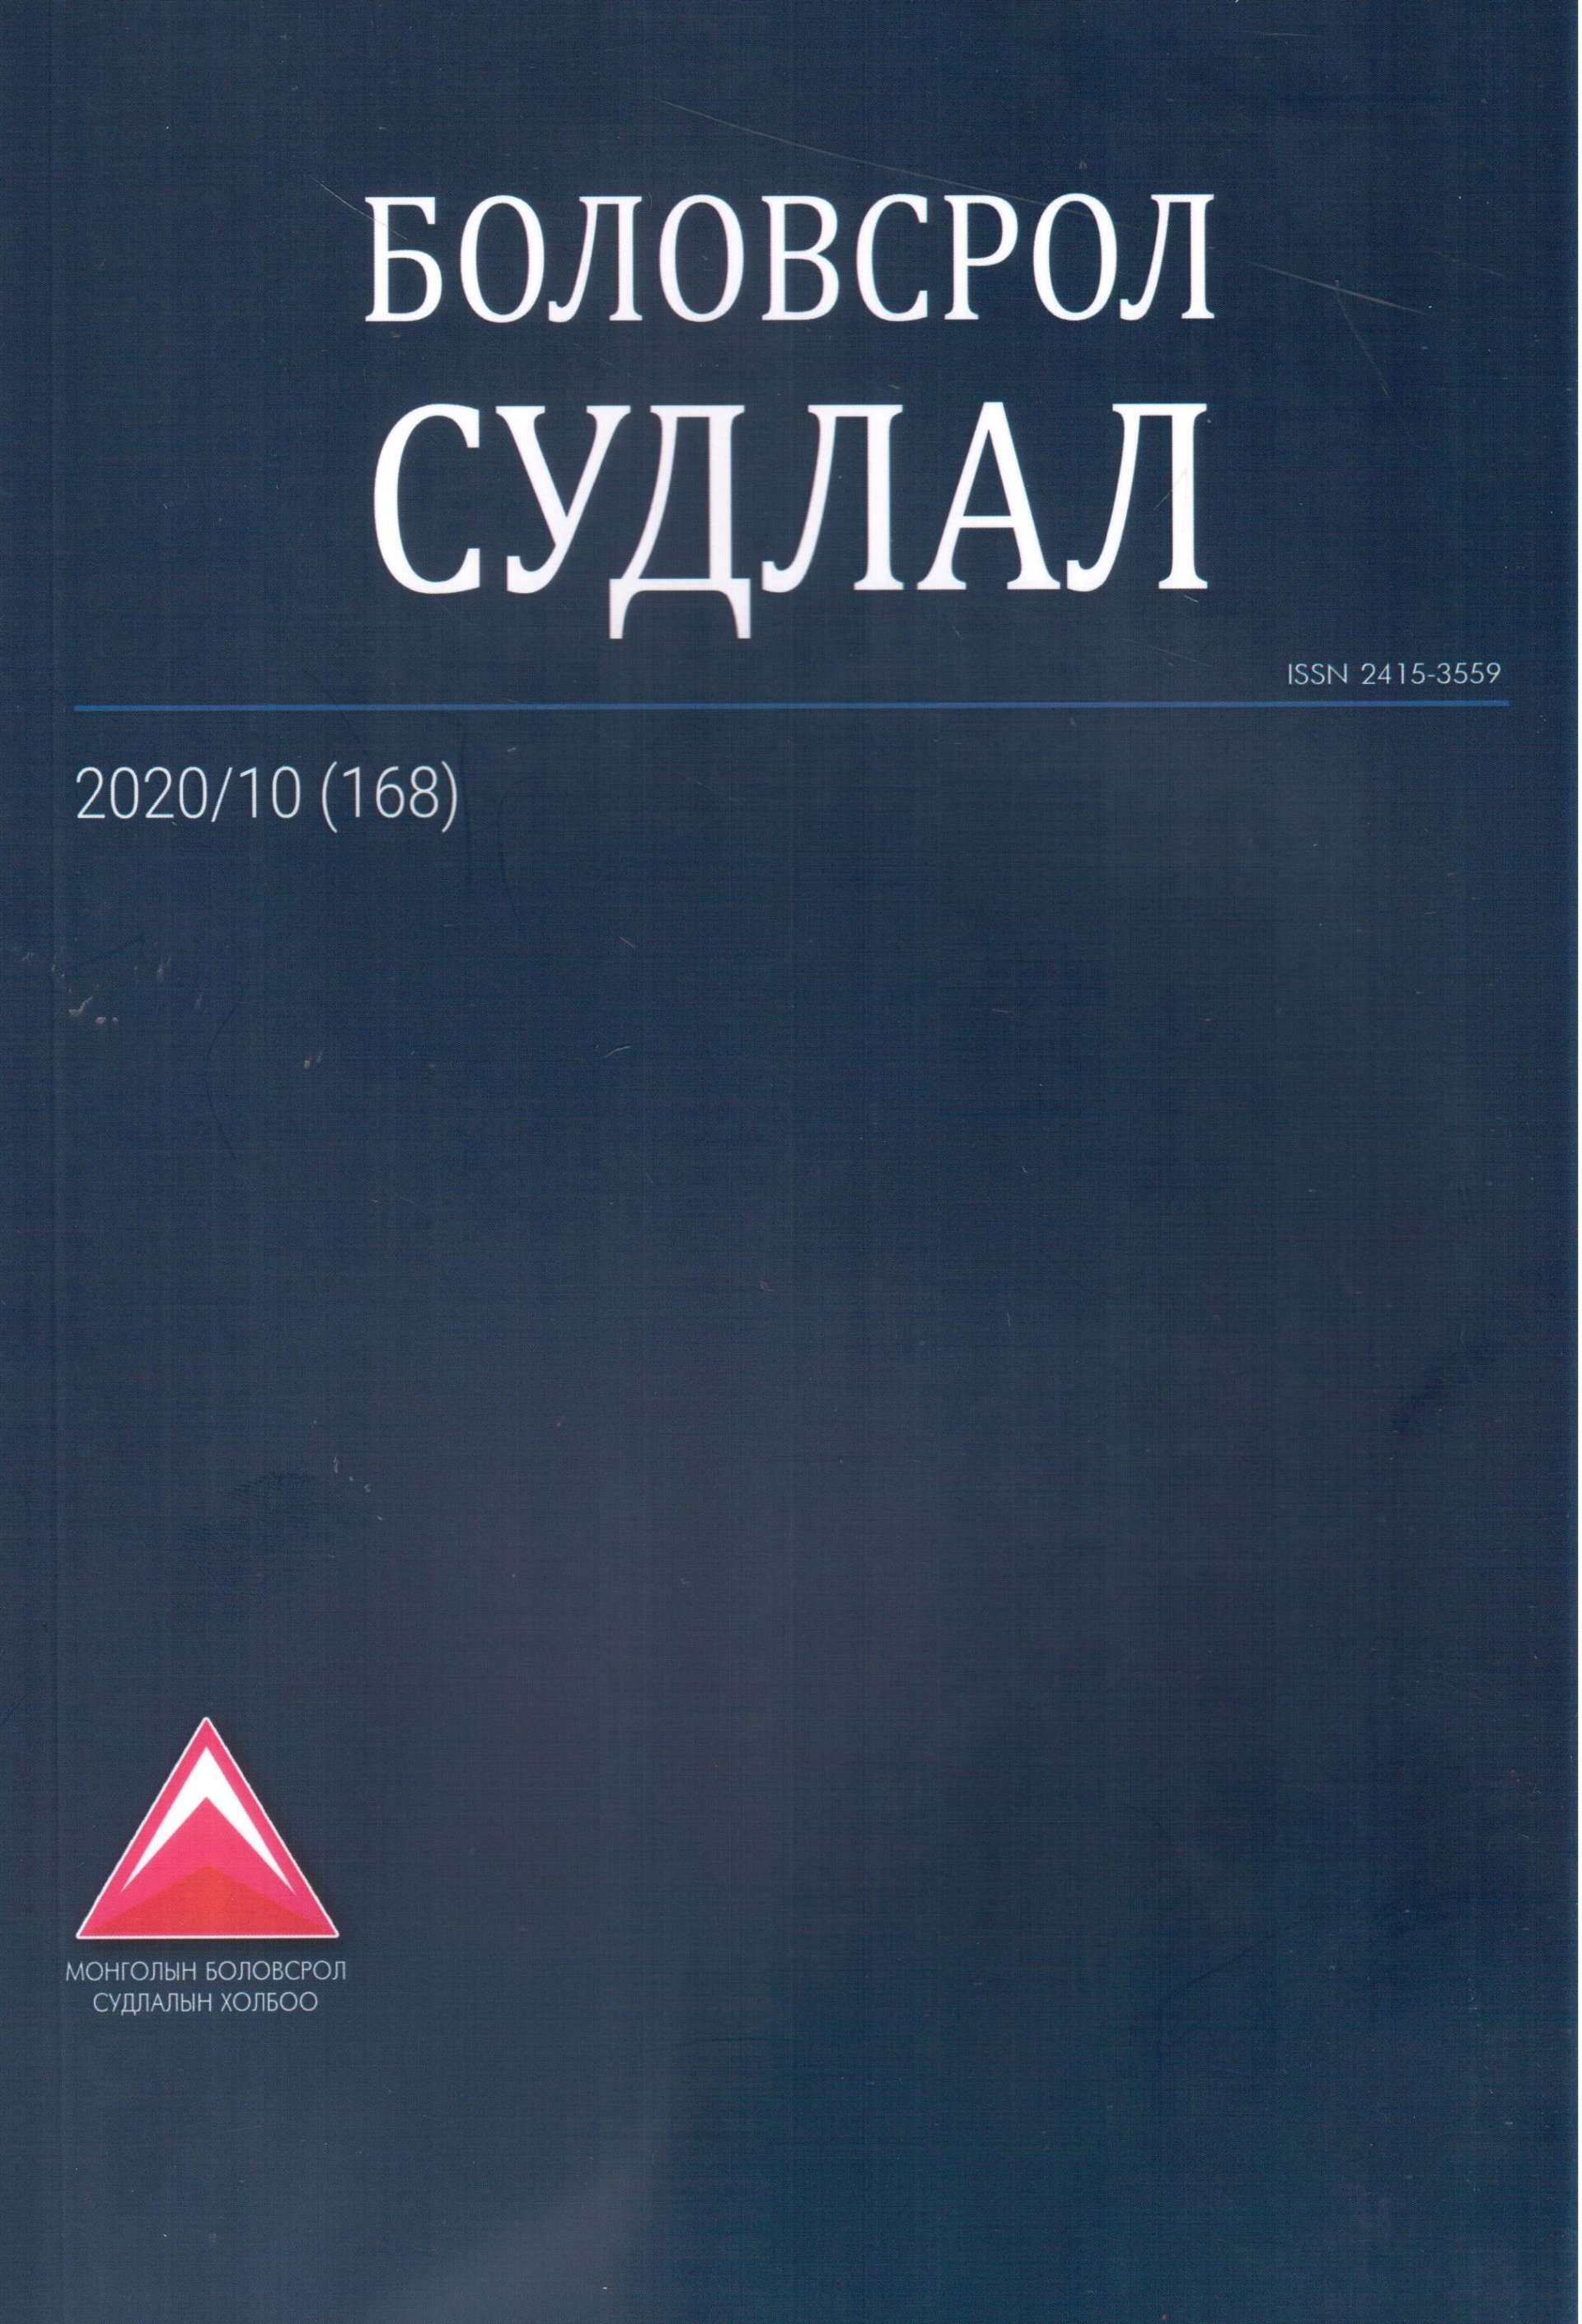 Боловсрол судлал 2020/10 (168)